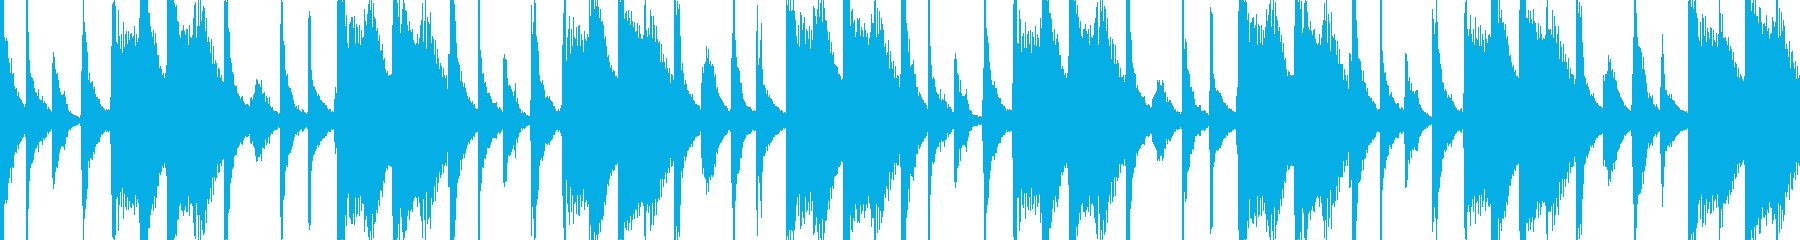 ブラジル北東部の宗教音楽イジェシャの再生済みの波形